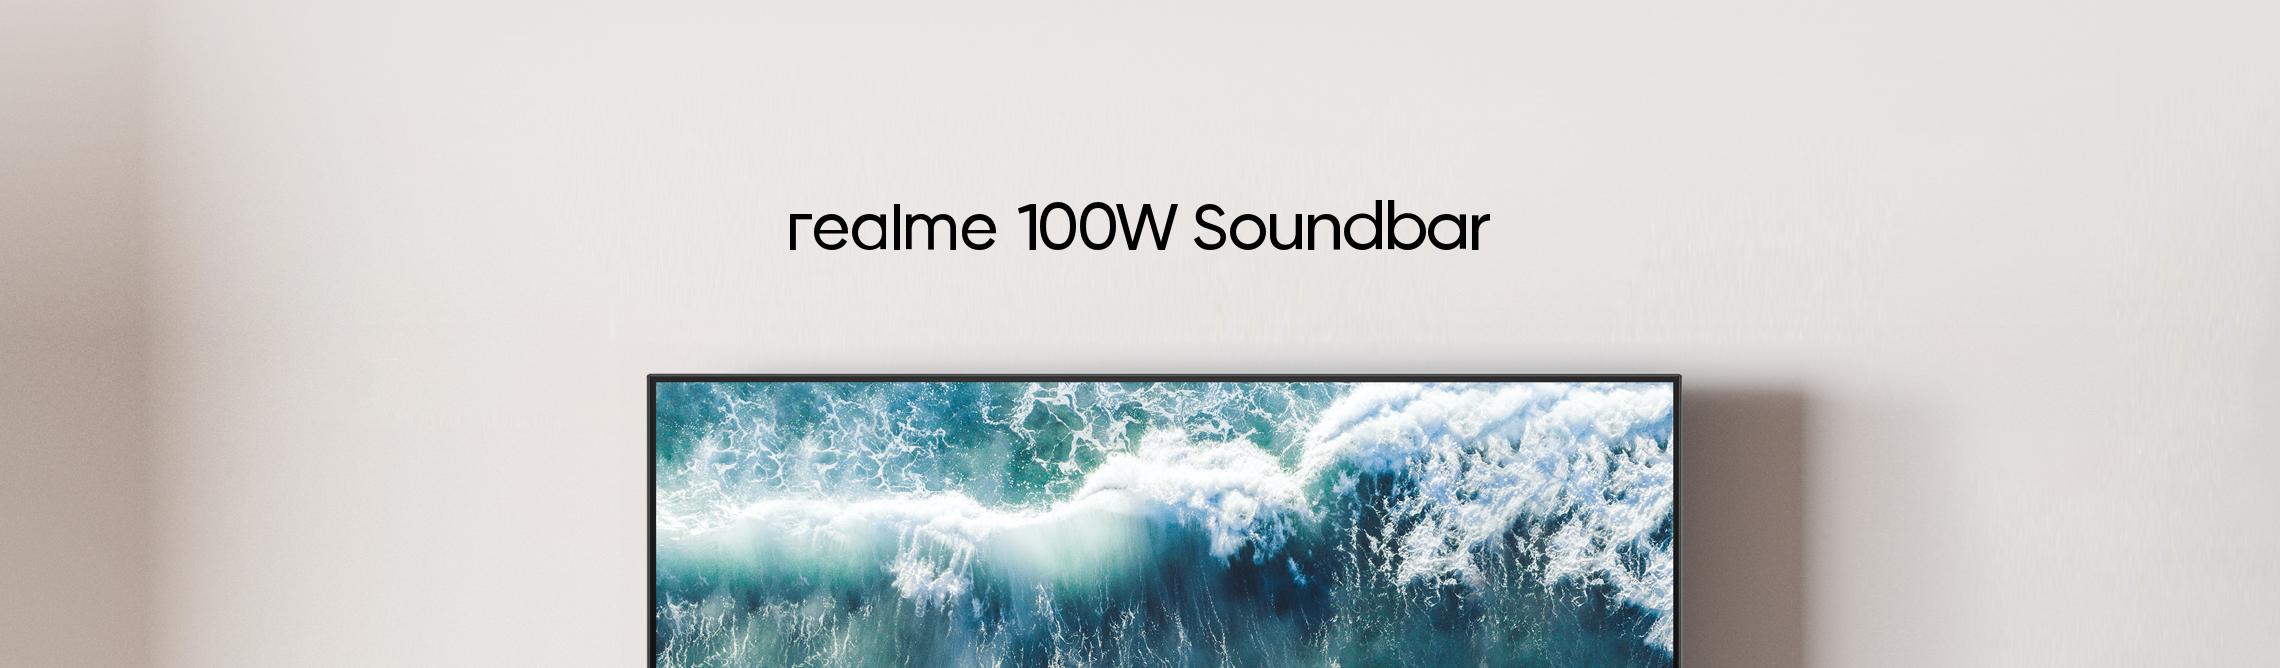 realme 100w soundbar